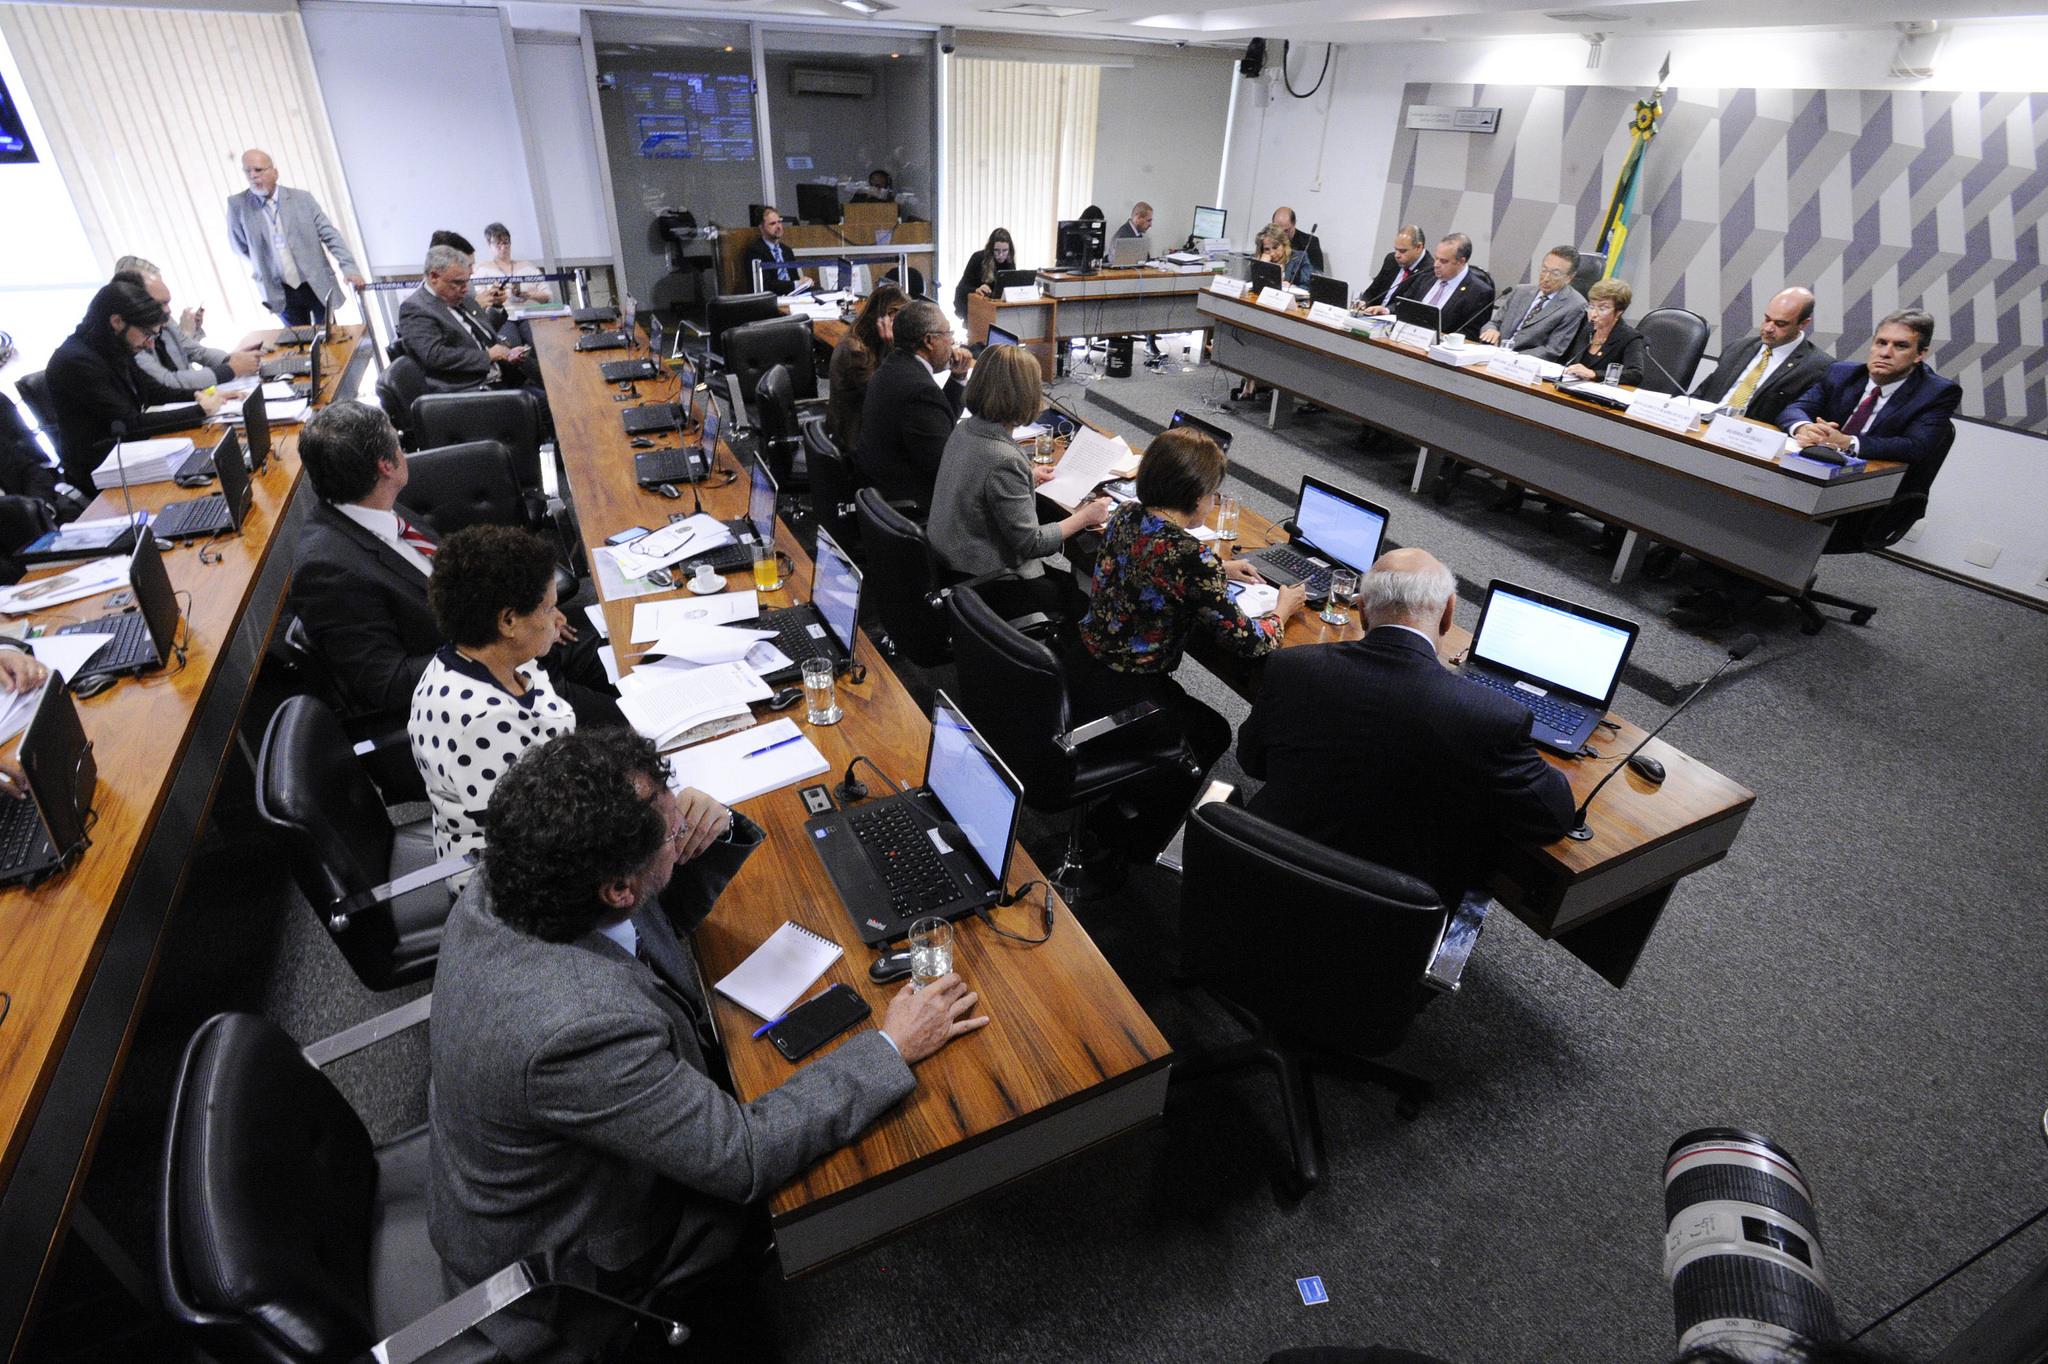 Autoridades jurídicas e senadores definem reforma trabalhista como inconstitucional em duas audiências públicas na CCJ